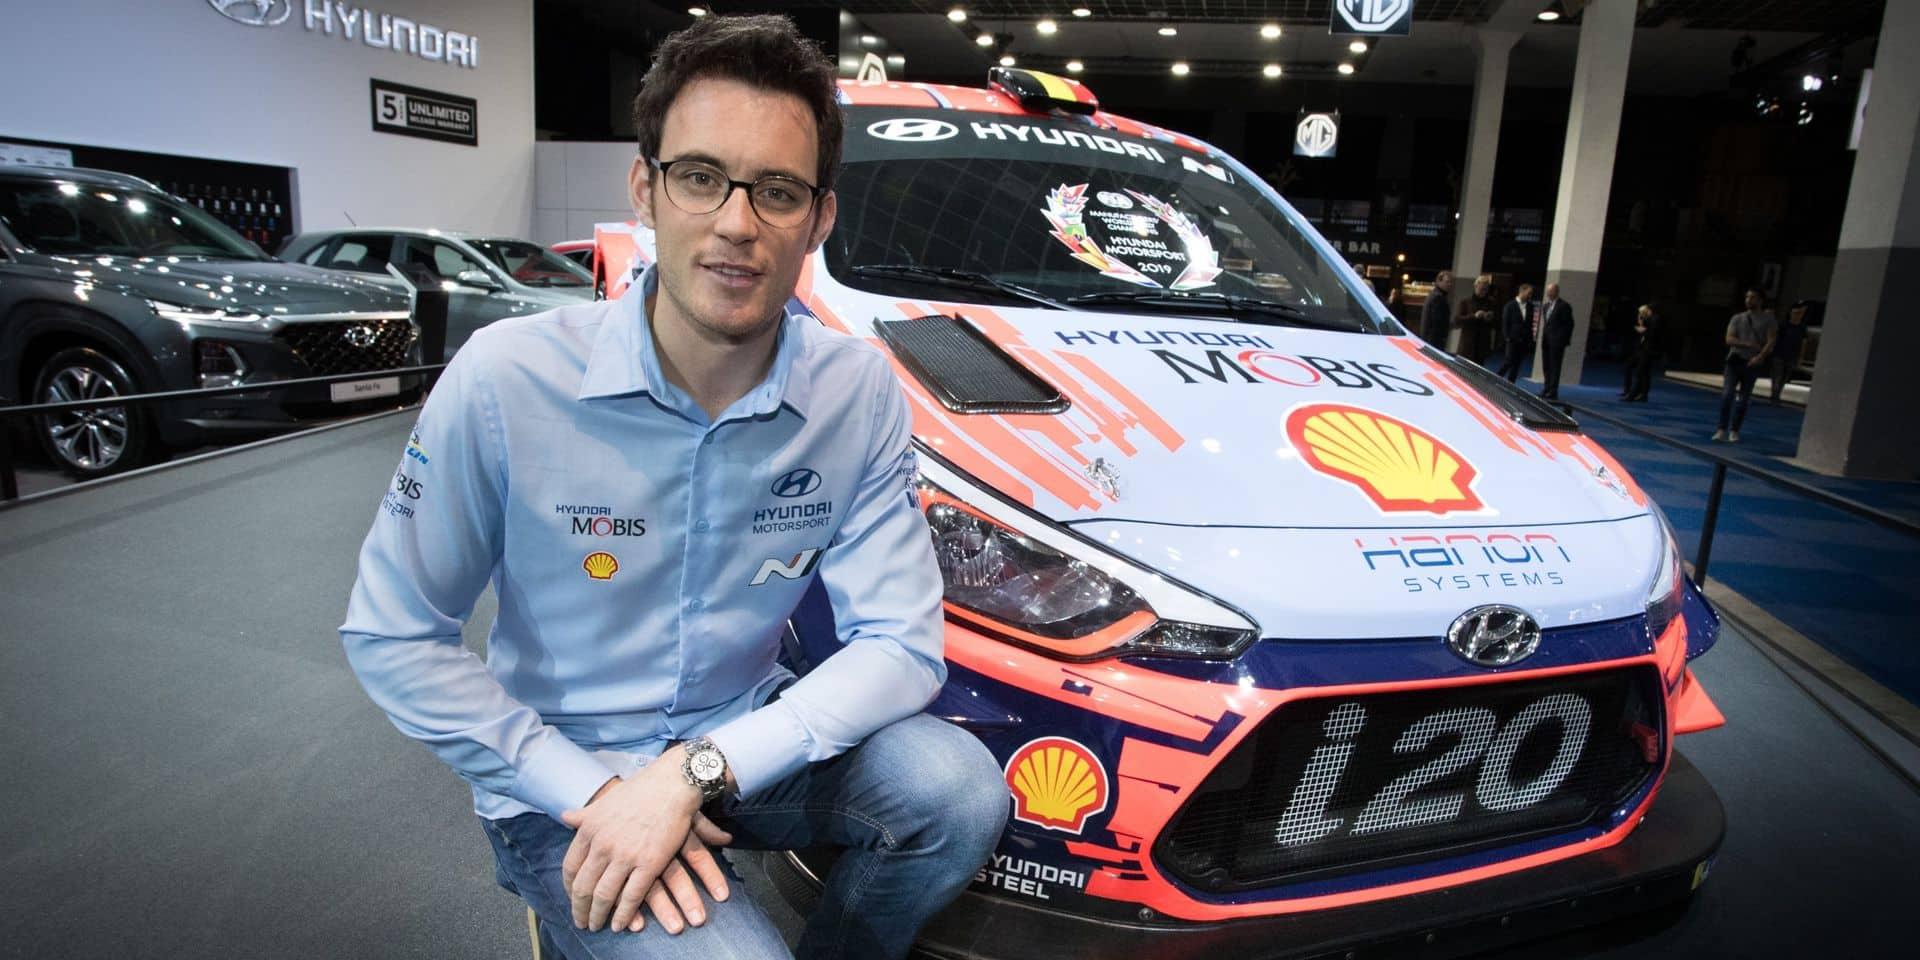 """Andrea Adamo, boss de Hyundai sur la séparation entre Neuville et Gilsoul: """"Je respecte la décision de Thierry, je ne ferai pas d'autre commentaire..."""""""